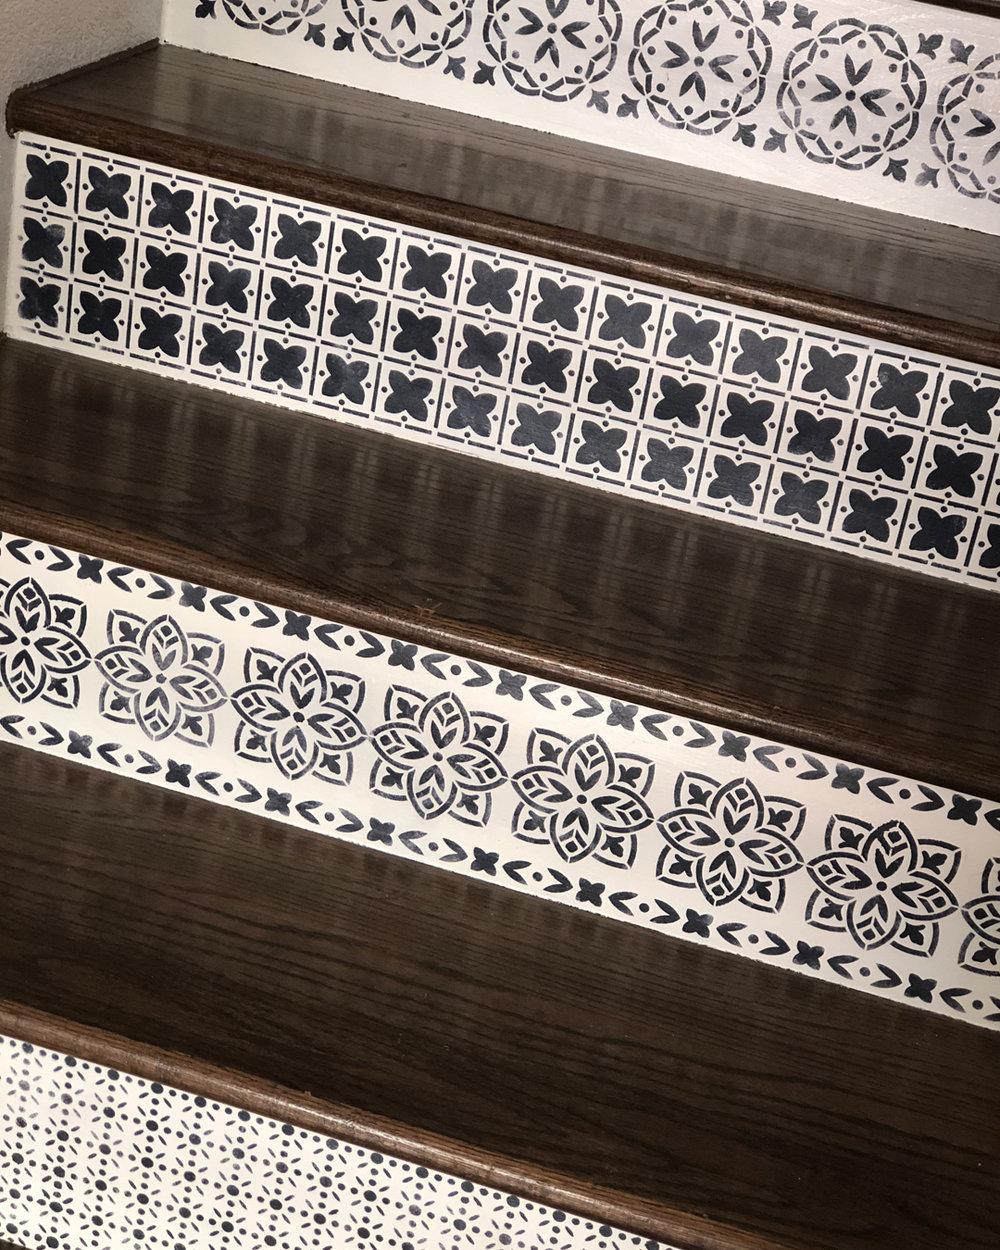 Painted Stairs 13.jpg